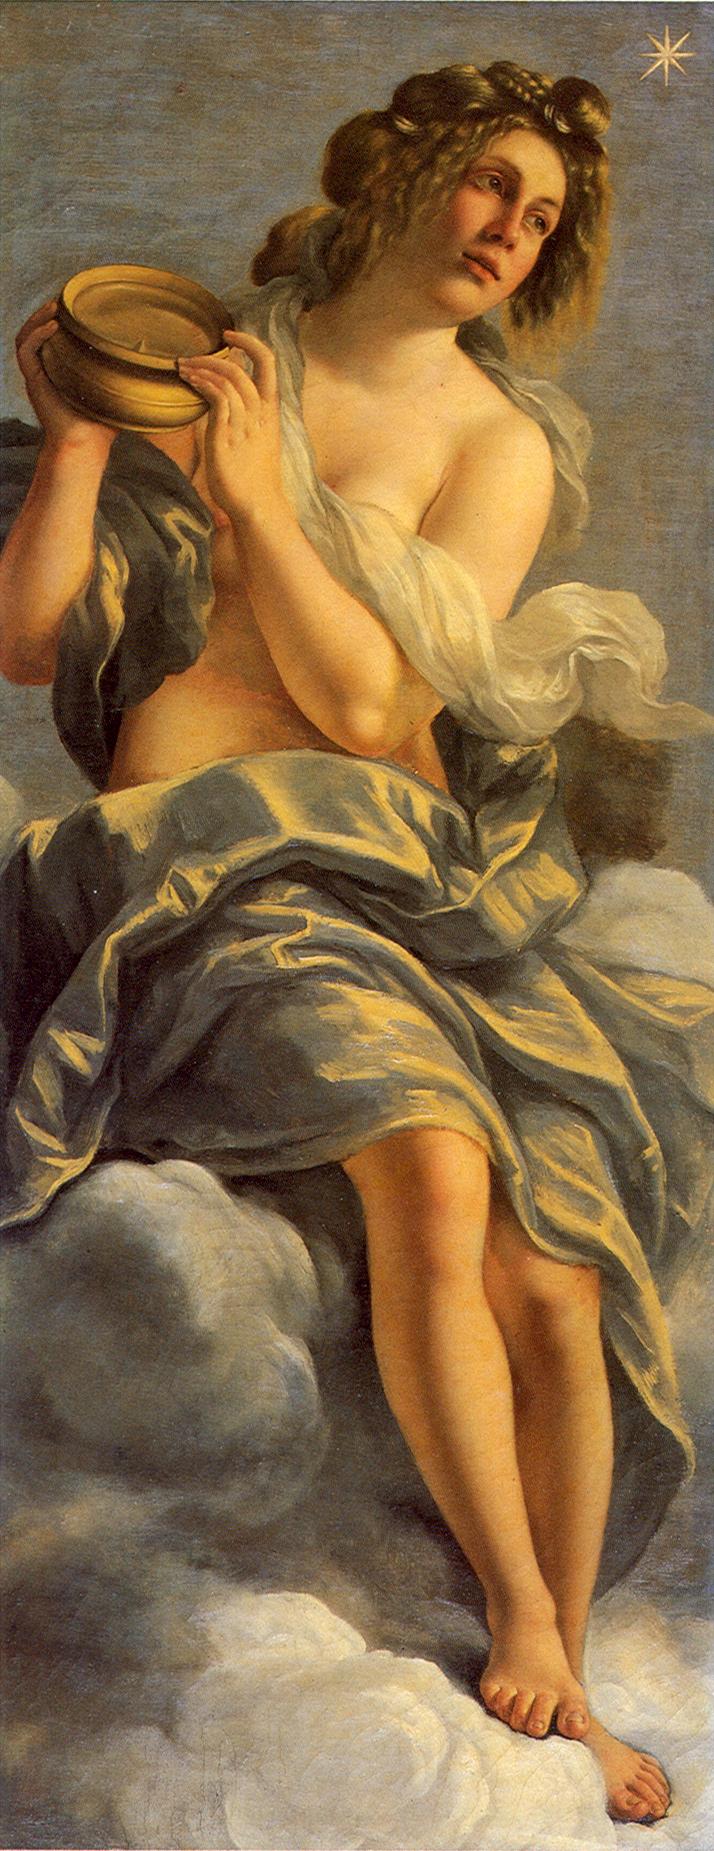 Artemisia Gentileschi: Allegria dell'inclinazione, 1615, Firenze: Casa Buonarroti.